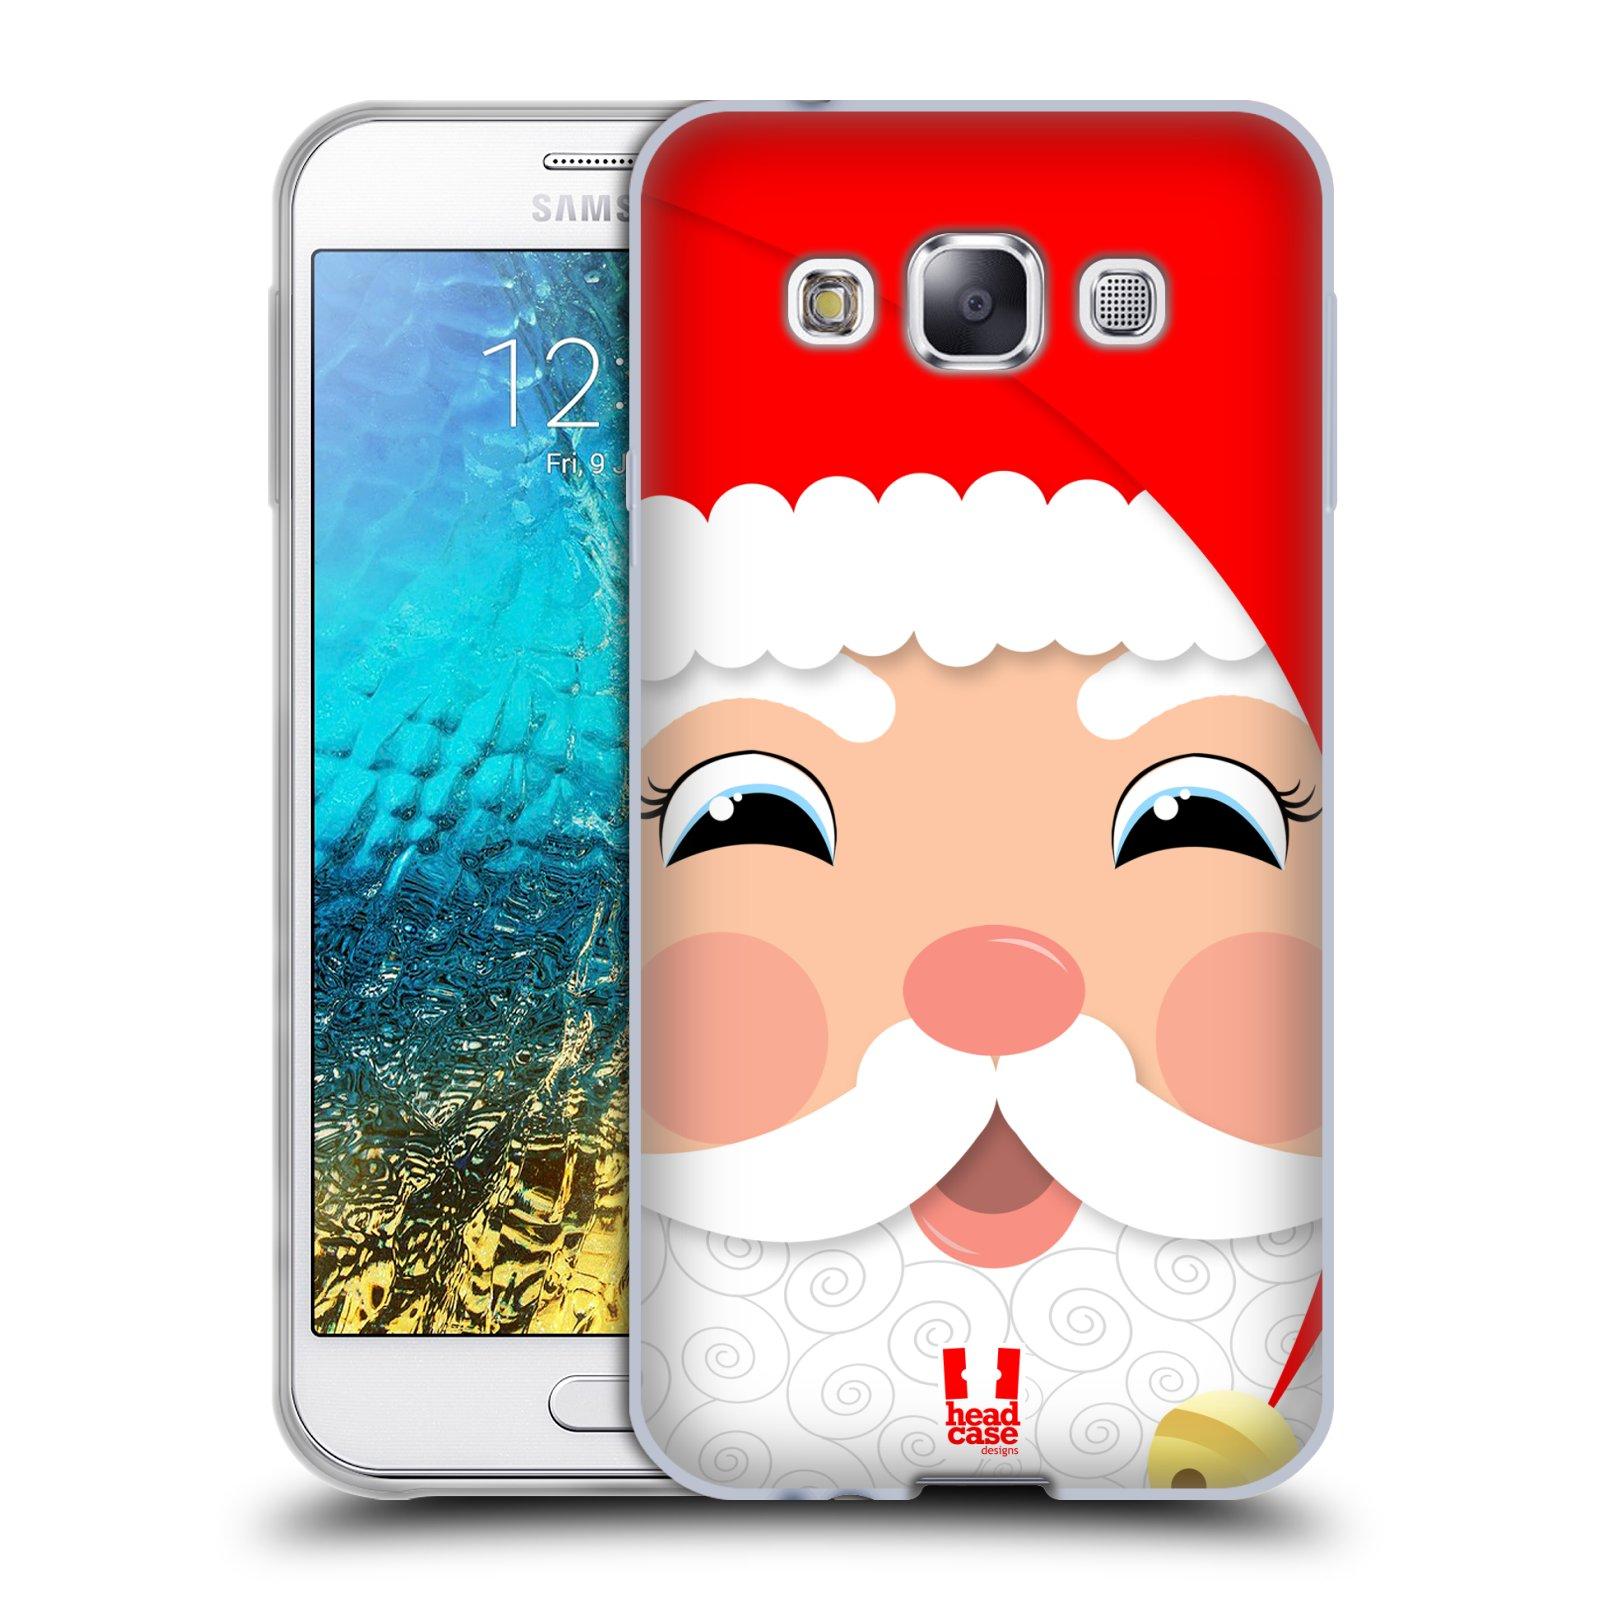 HEAD CASE silikonový obal na mobil Samsung Galaxy E5 vzor Vánoční tváře kreslené SANTA CLAUS